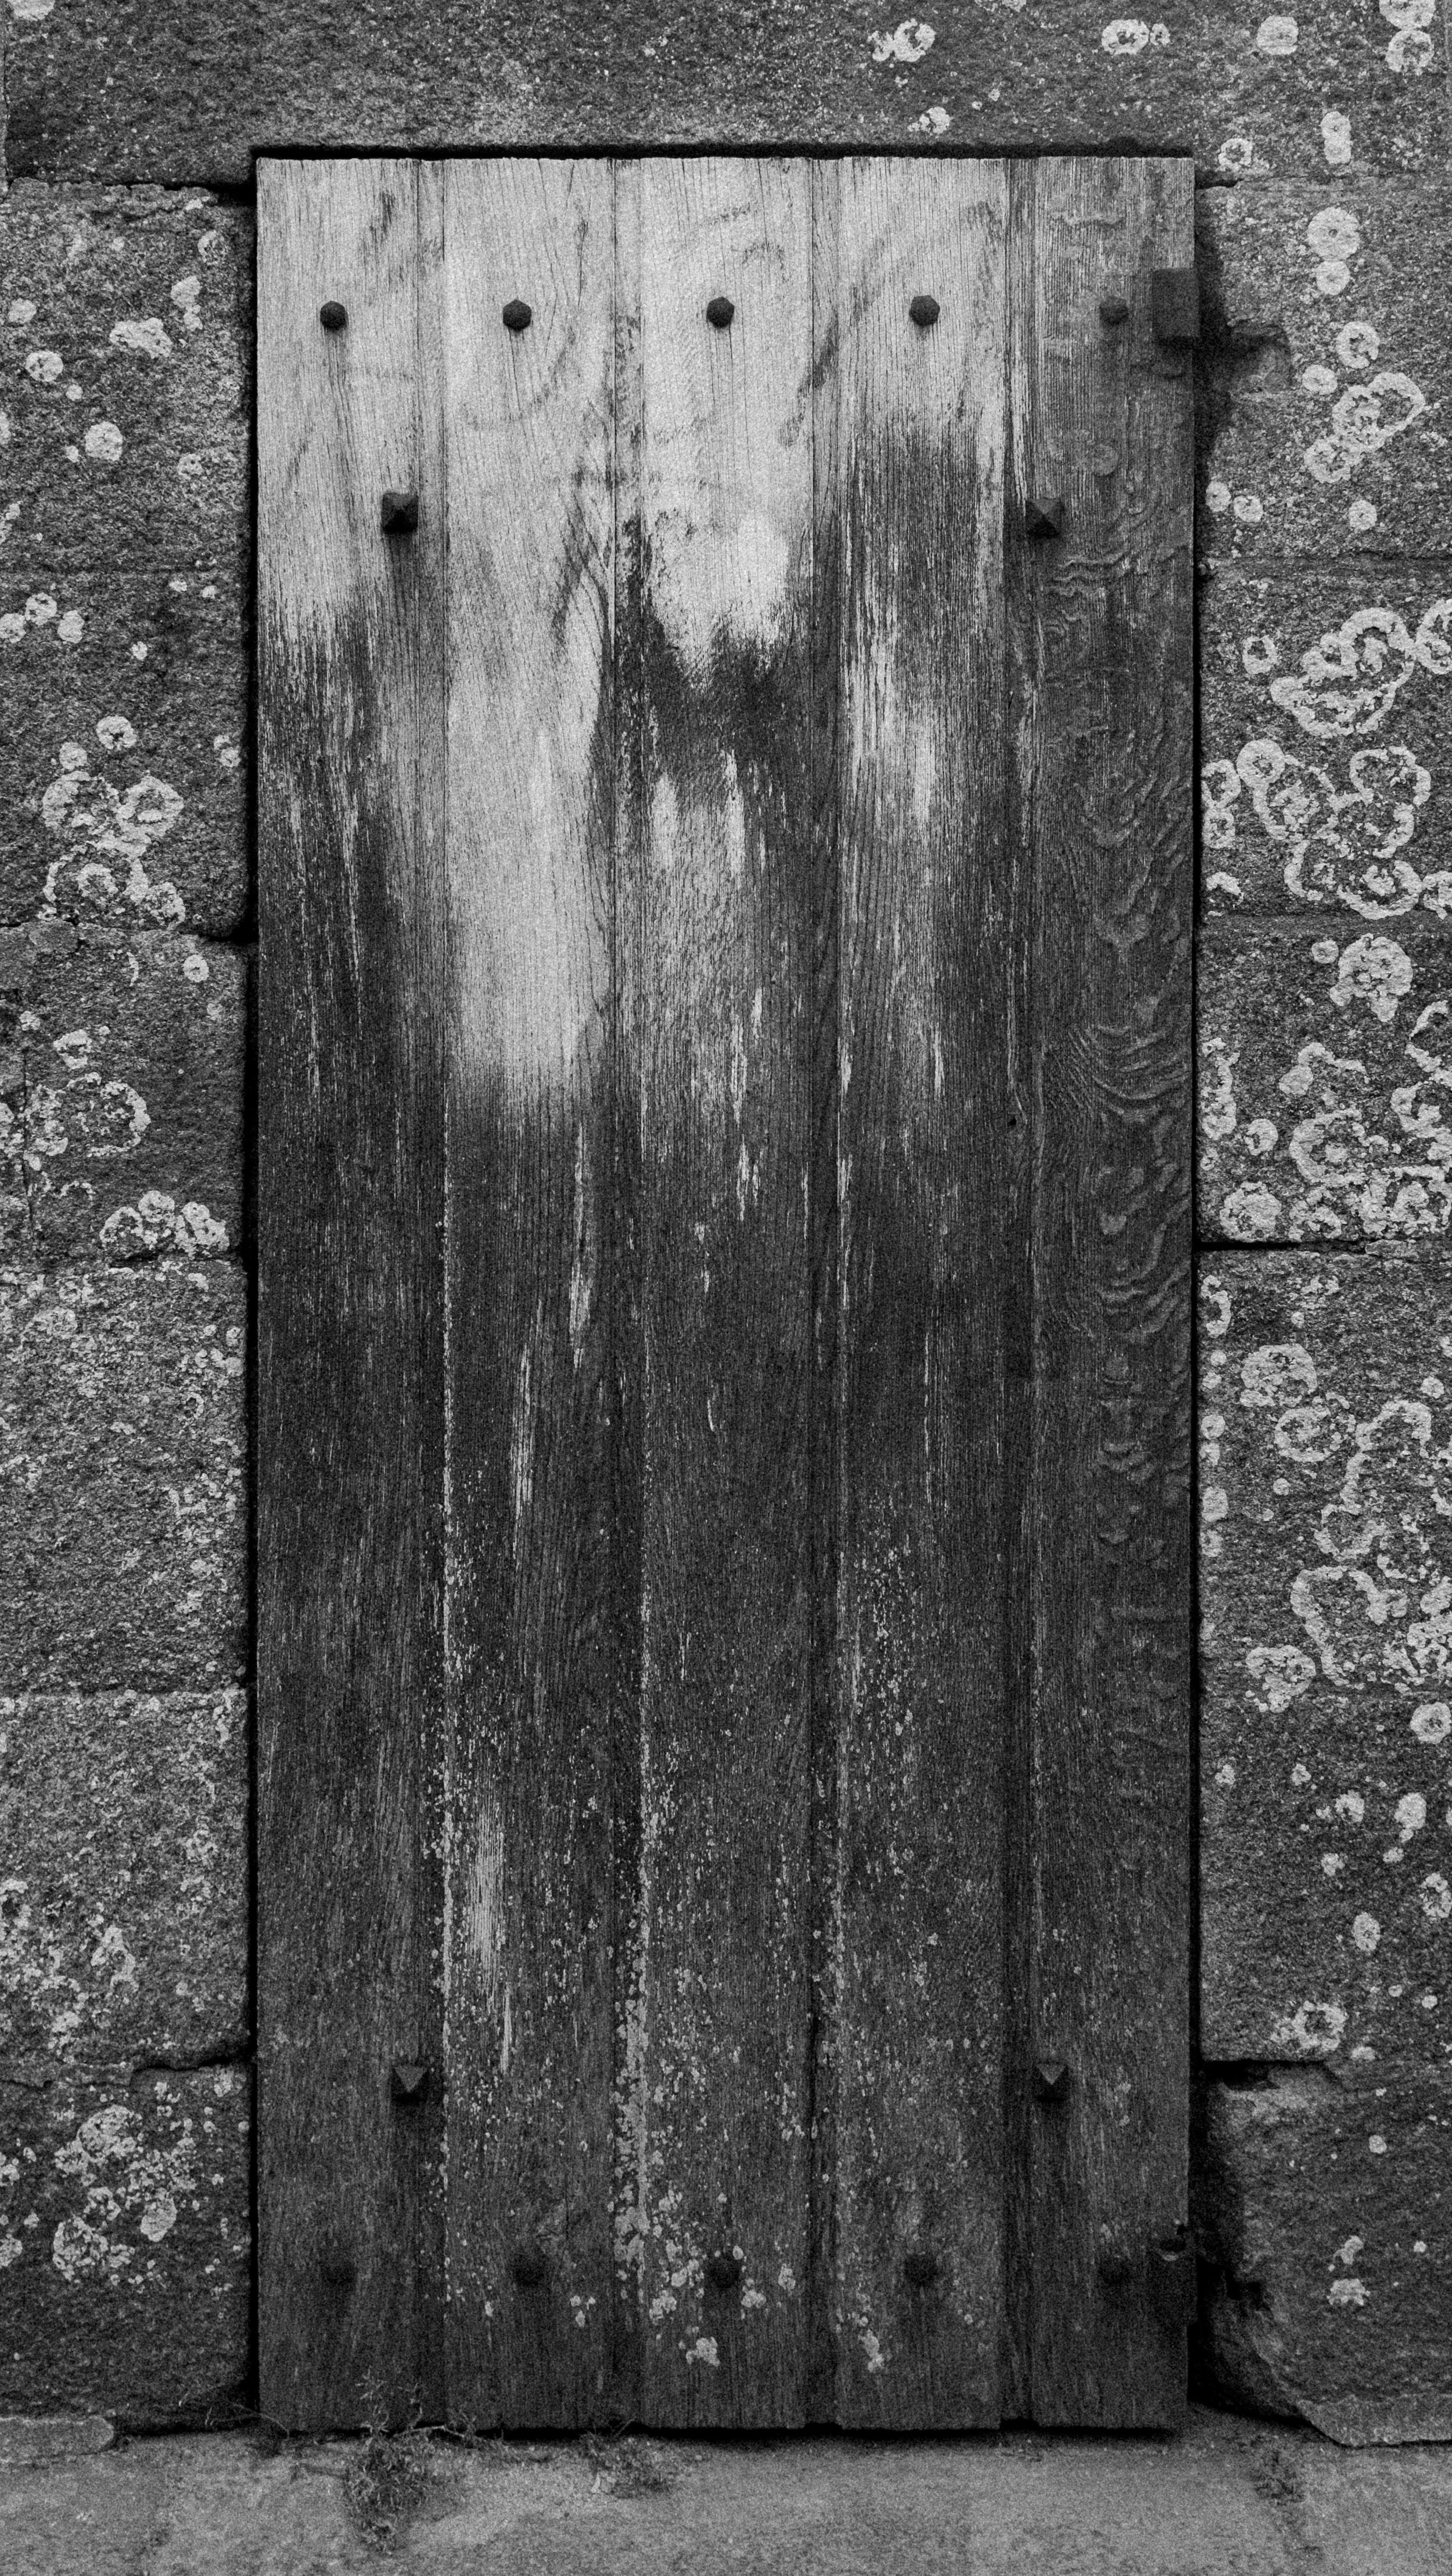 london-britian-cambridge-stmalo-mont-saint-michel-france-normandy-paris-070.jpg